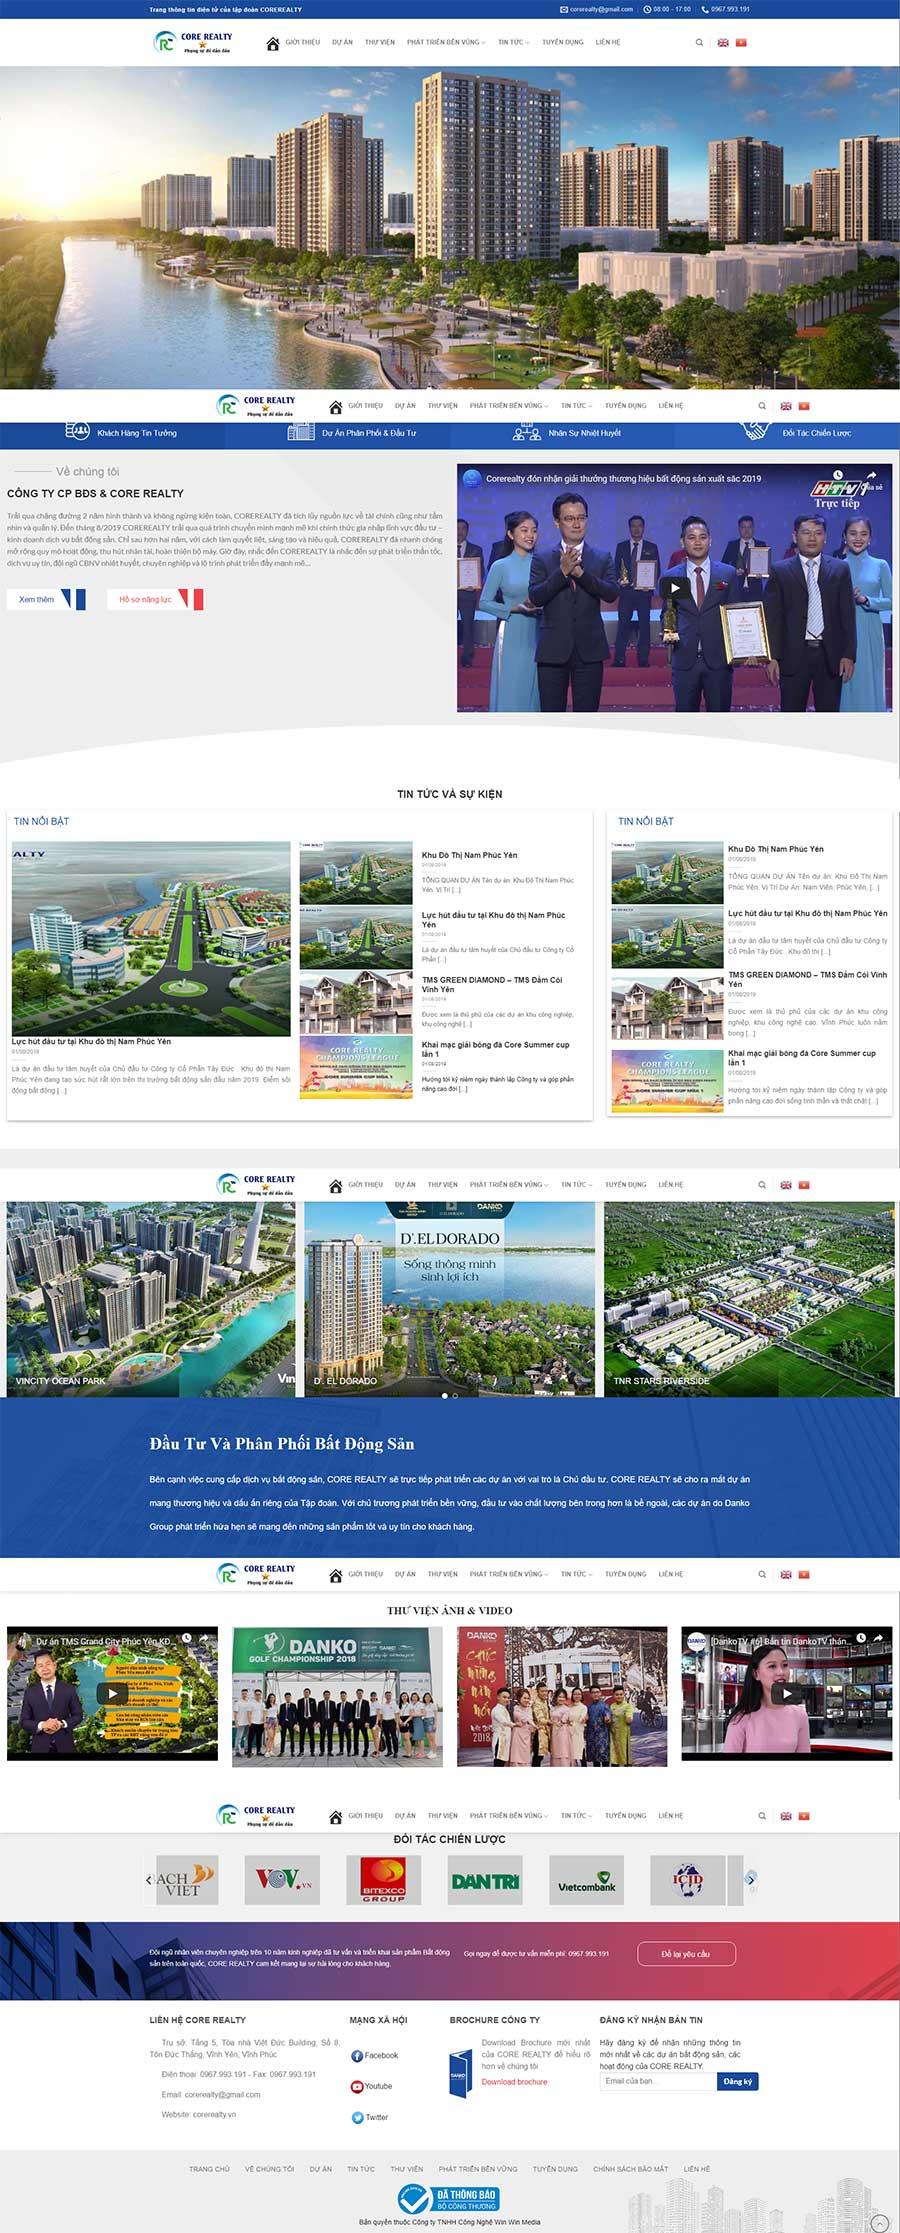 Mẫu website bất động sản siêu đẹp view 1